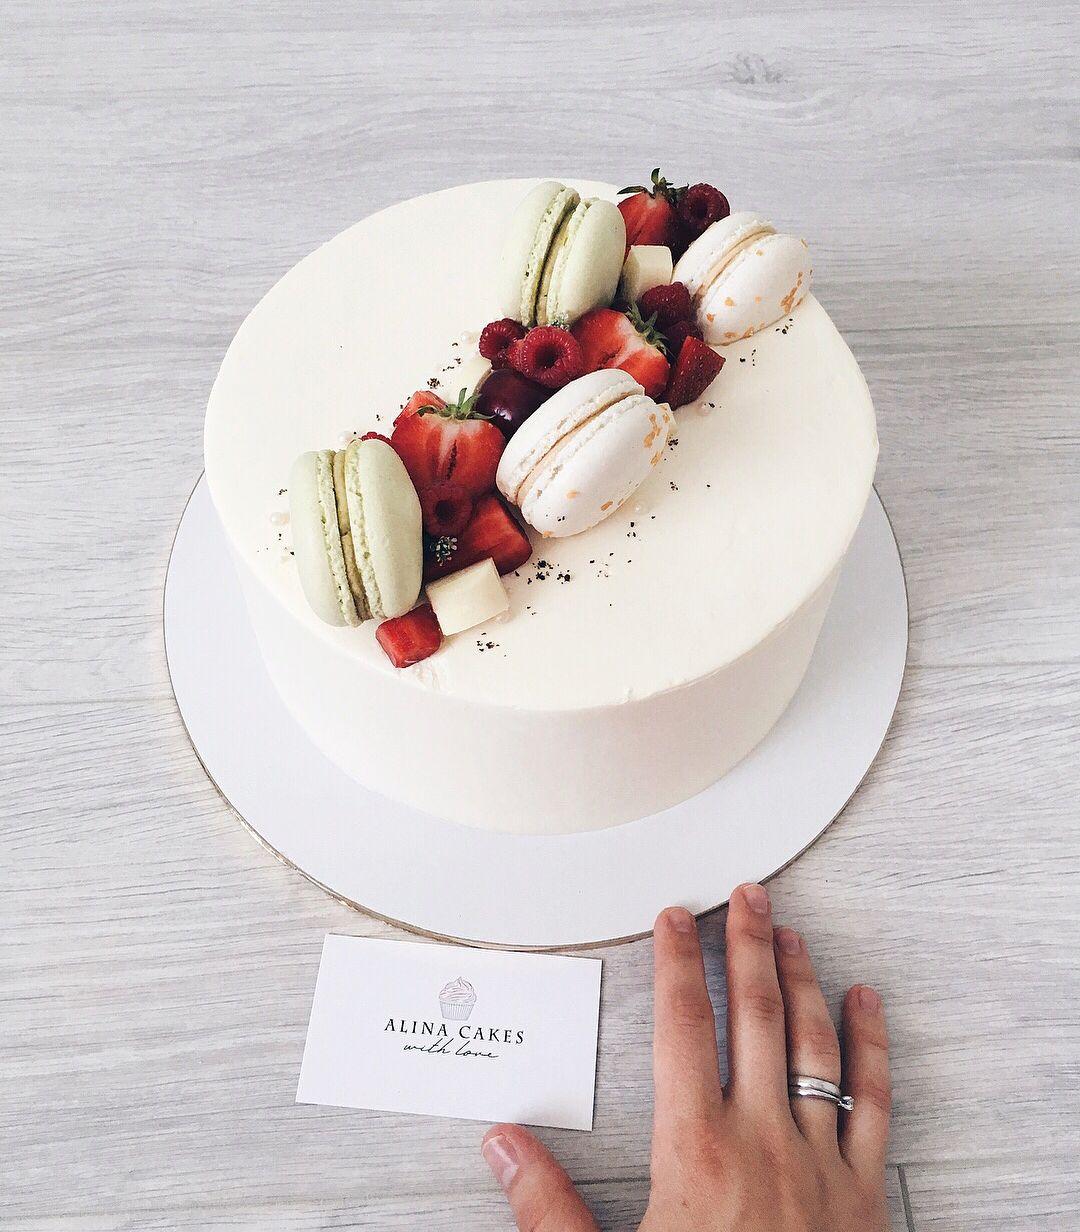 """-   A S       B L O G   - on Instagram: """"🌿Для оформления заказа кликните Позвонить👆🏻Директ не всегда читаю. Вс-Пн- выходной#cooking #cake #cupcakes #капкейки #капкейкиназаказ…"""""""